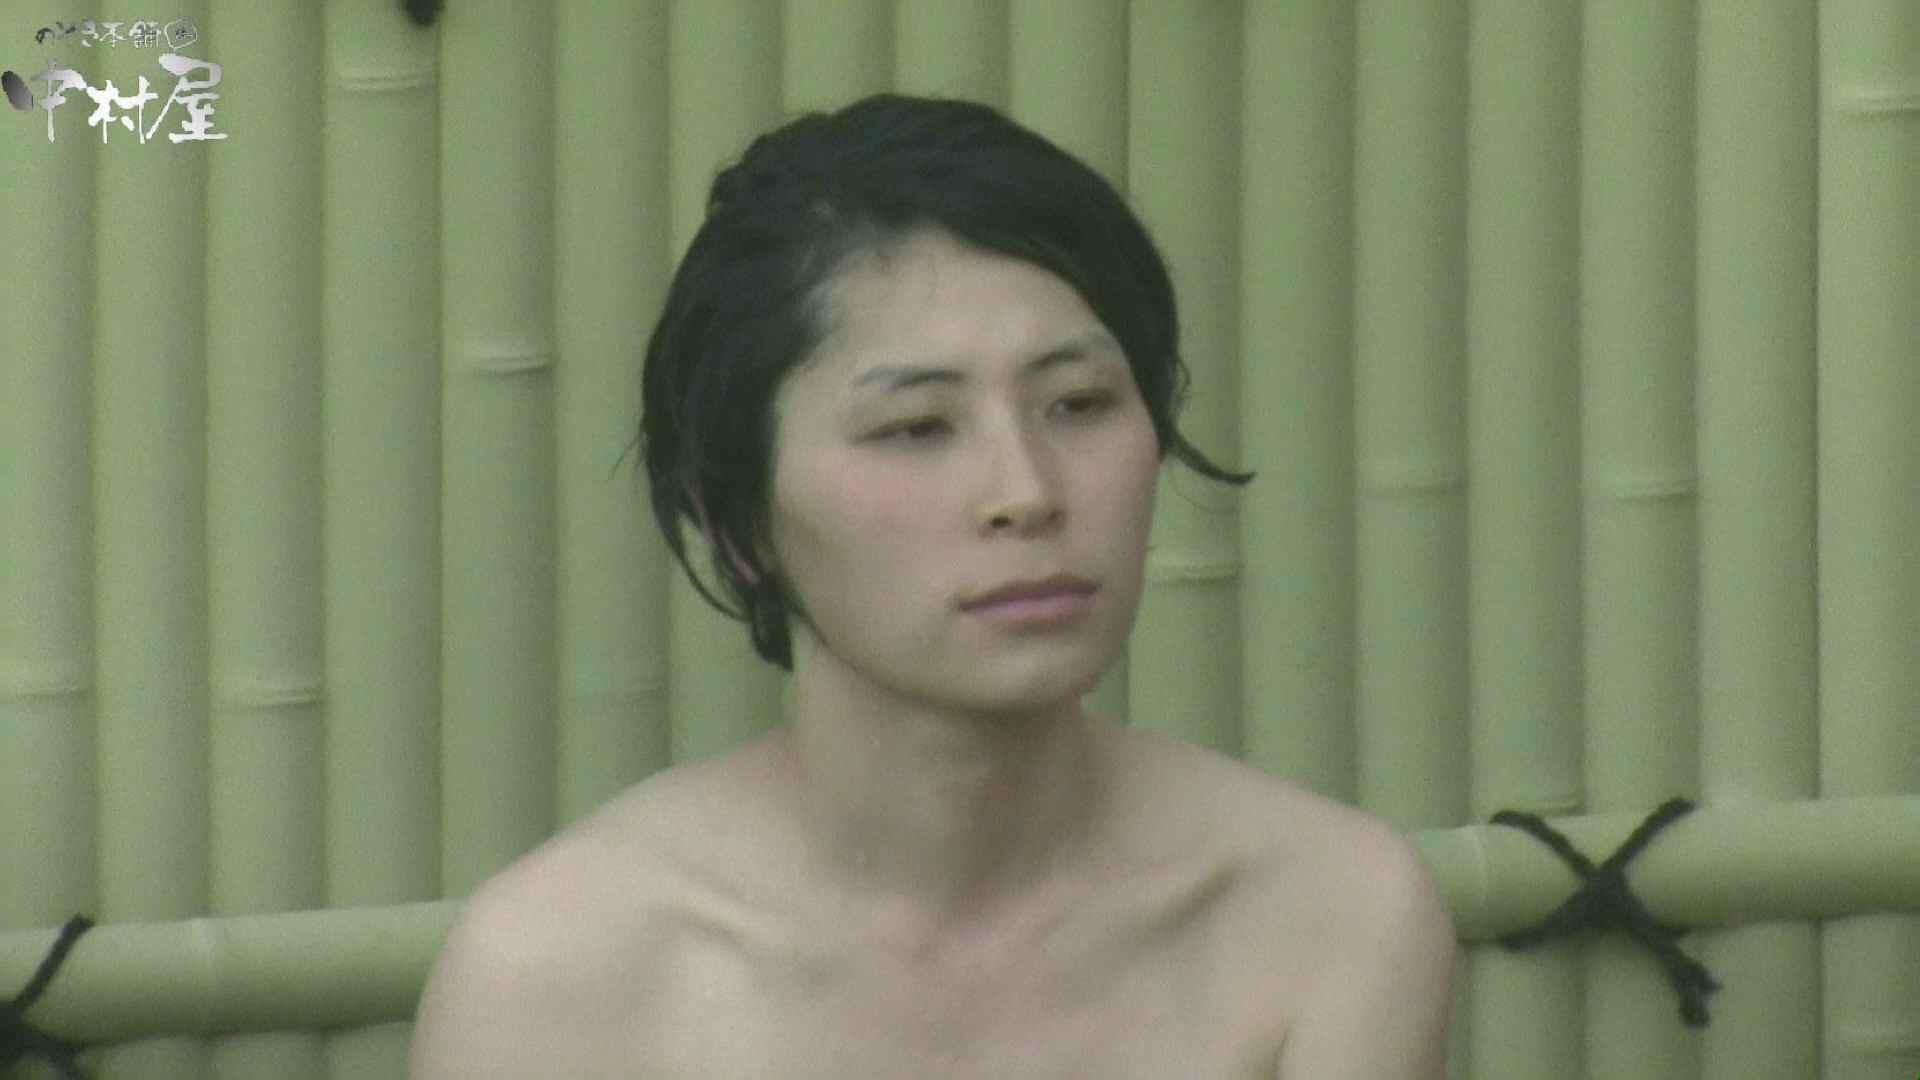 Aquaな露天風呂Vol.970 盗撮 オメコ無修正動画無料 97画像 56